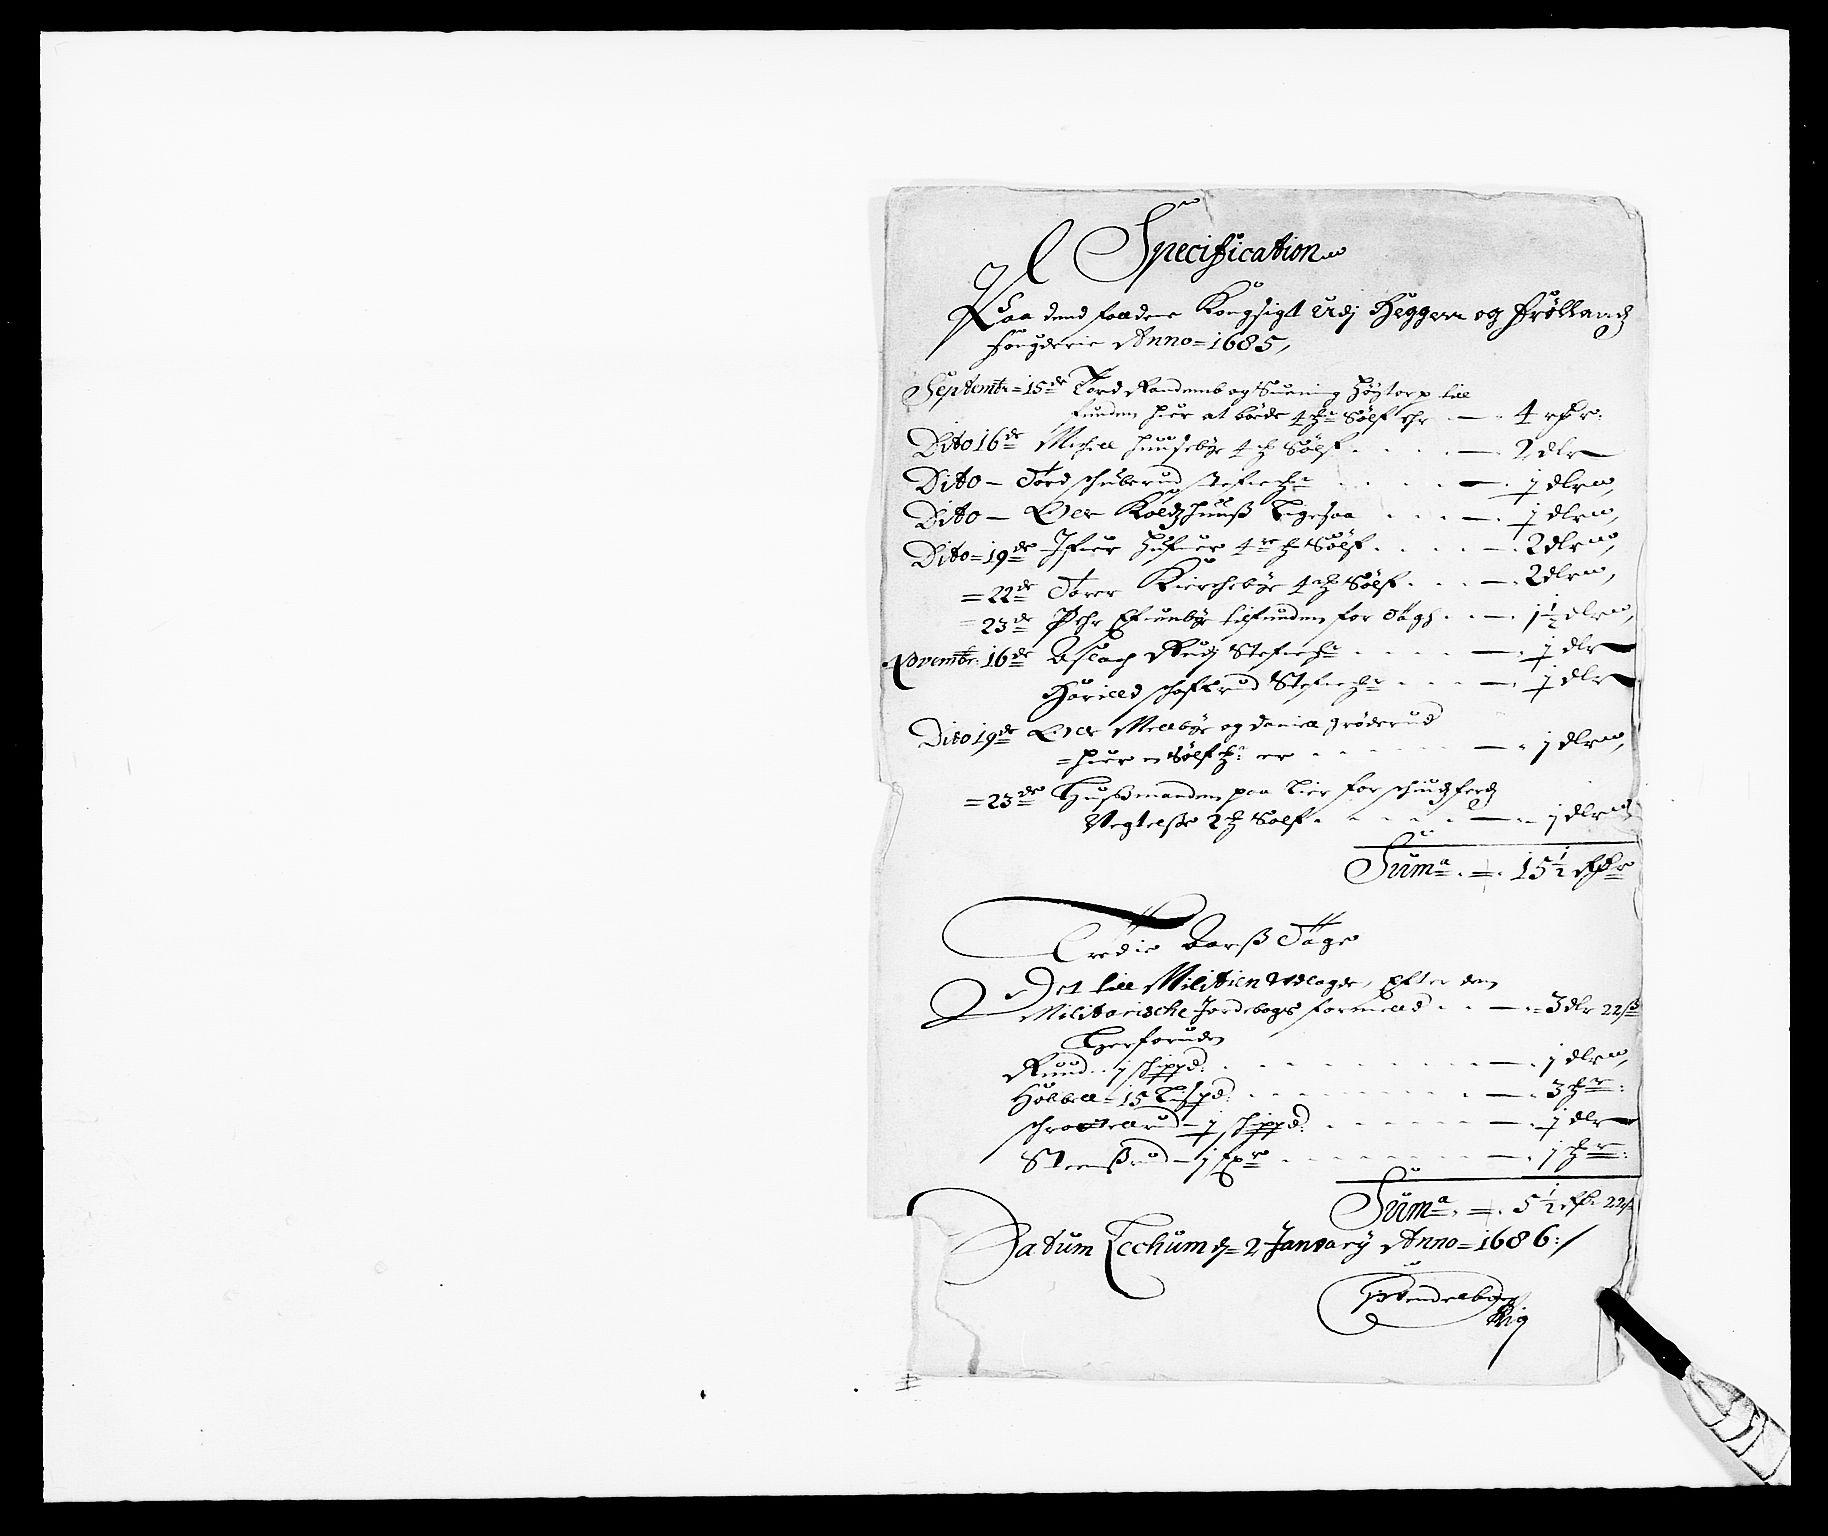 RA, Rentekammeret inntil 1814, Reviderte regnskaper, Fogderegnskap, R06/L0281: Fogderegnskap Heggen og Frøland, 1678-1686, s. 26